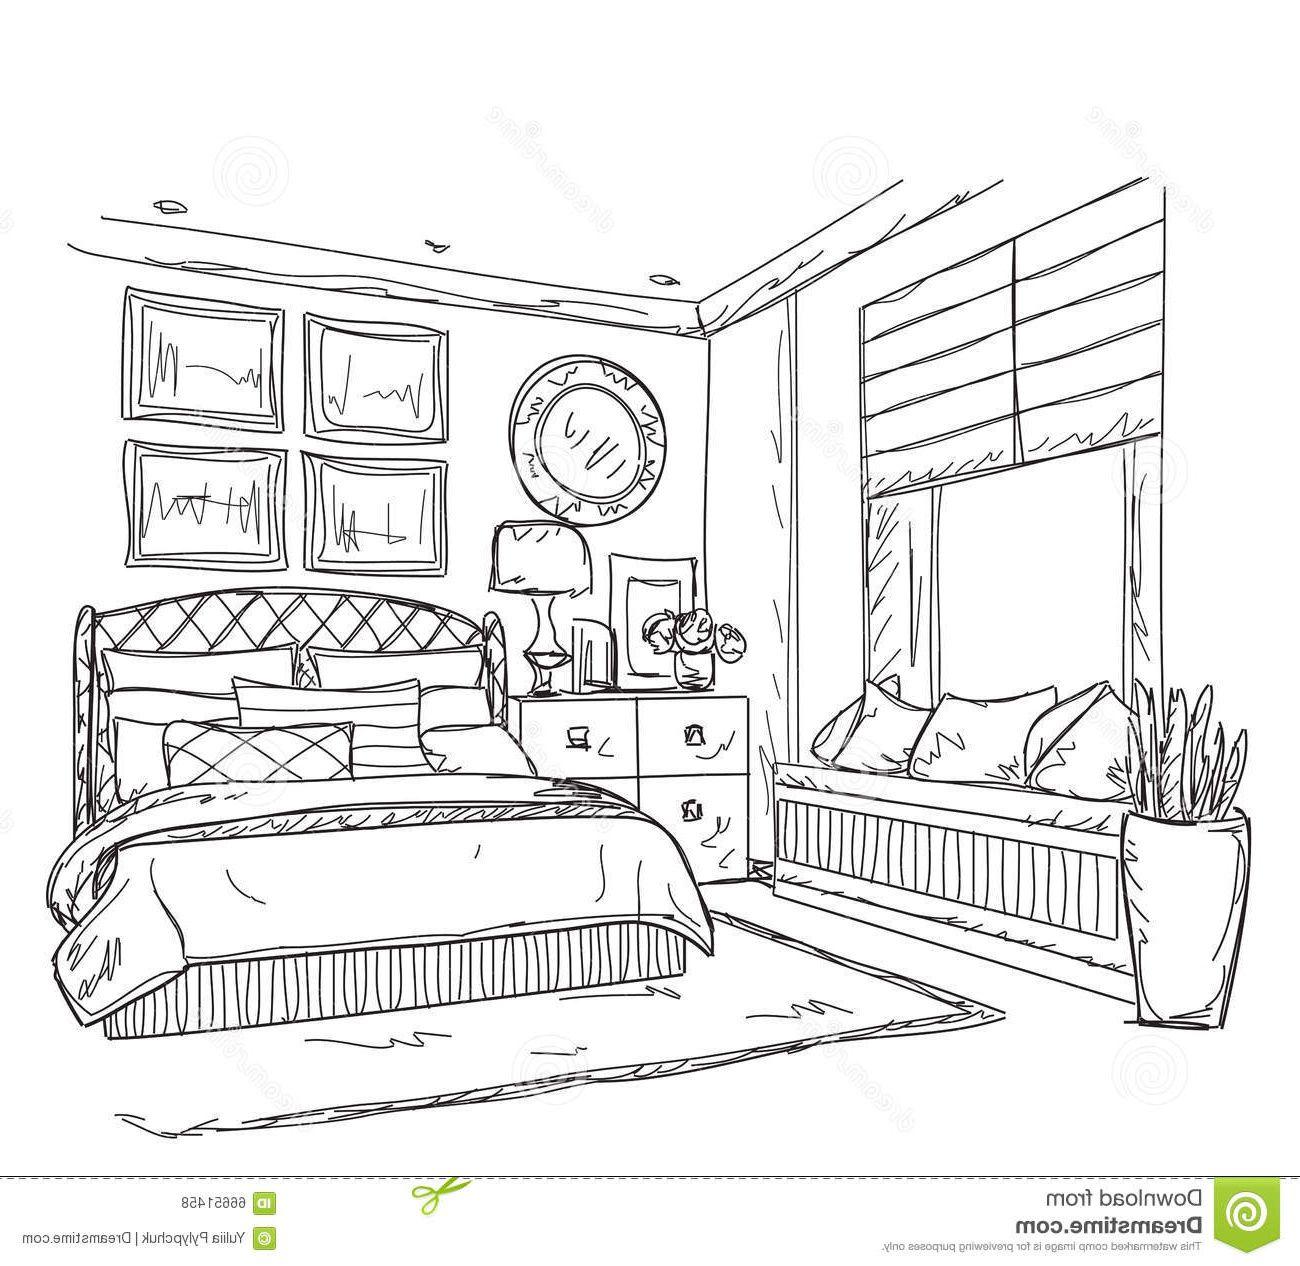 13 Meilleur De Dessin Chambre Fille Images Dessin De Decoration Dessin Coloriage Maison